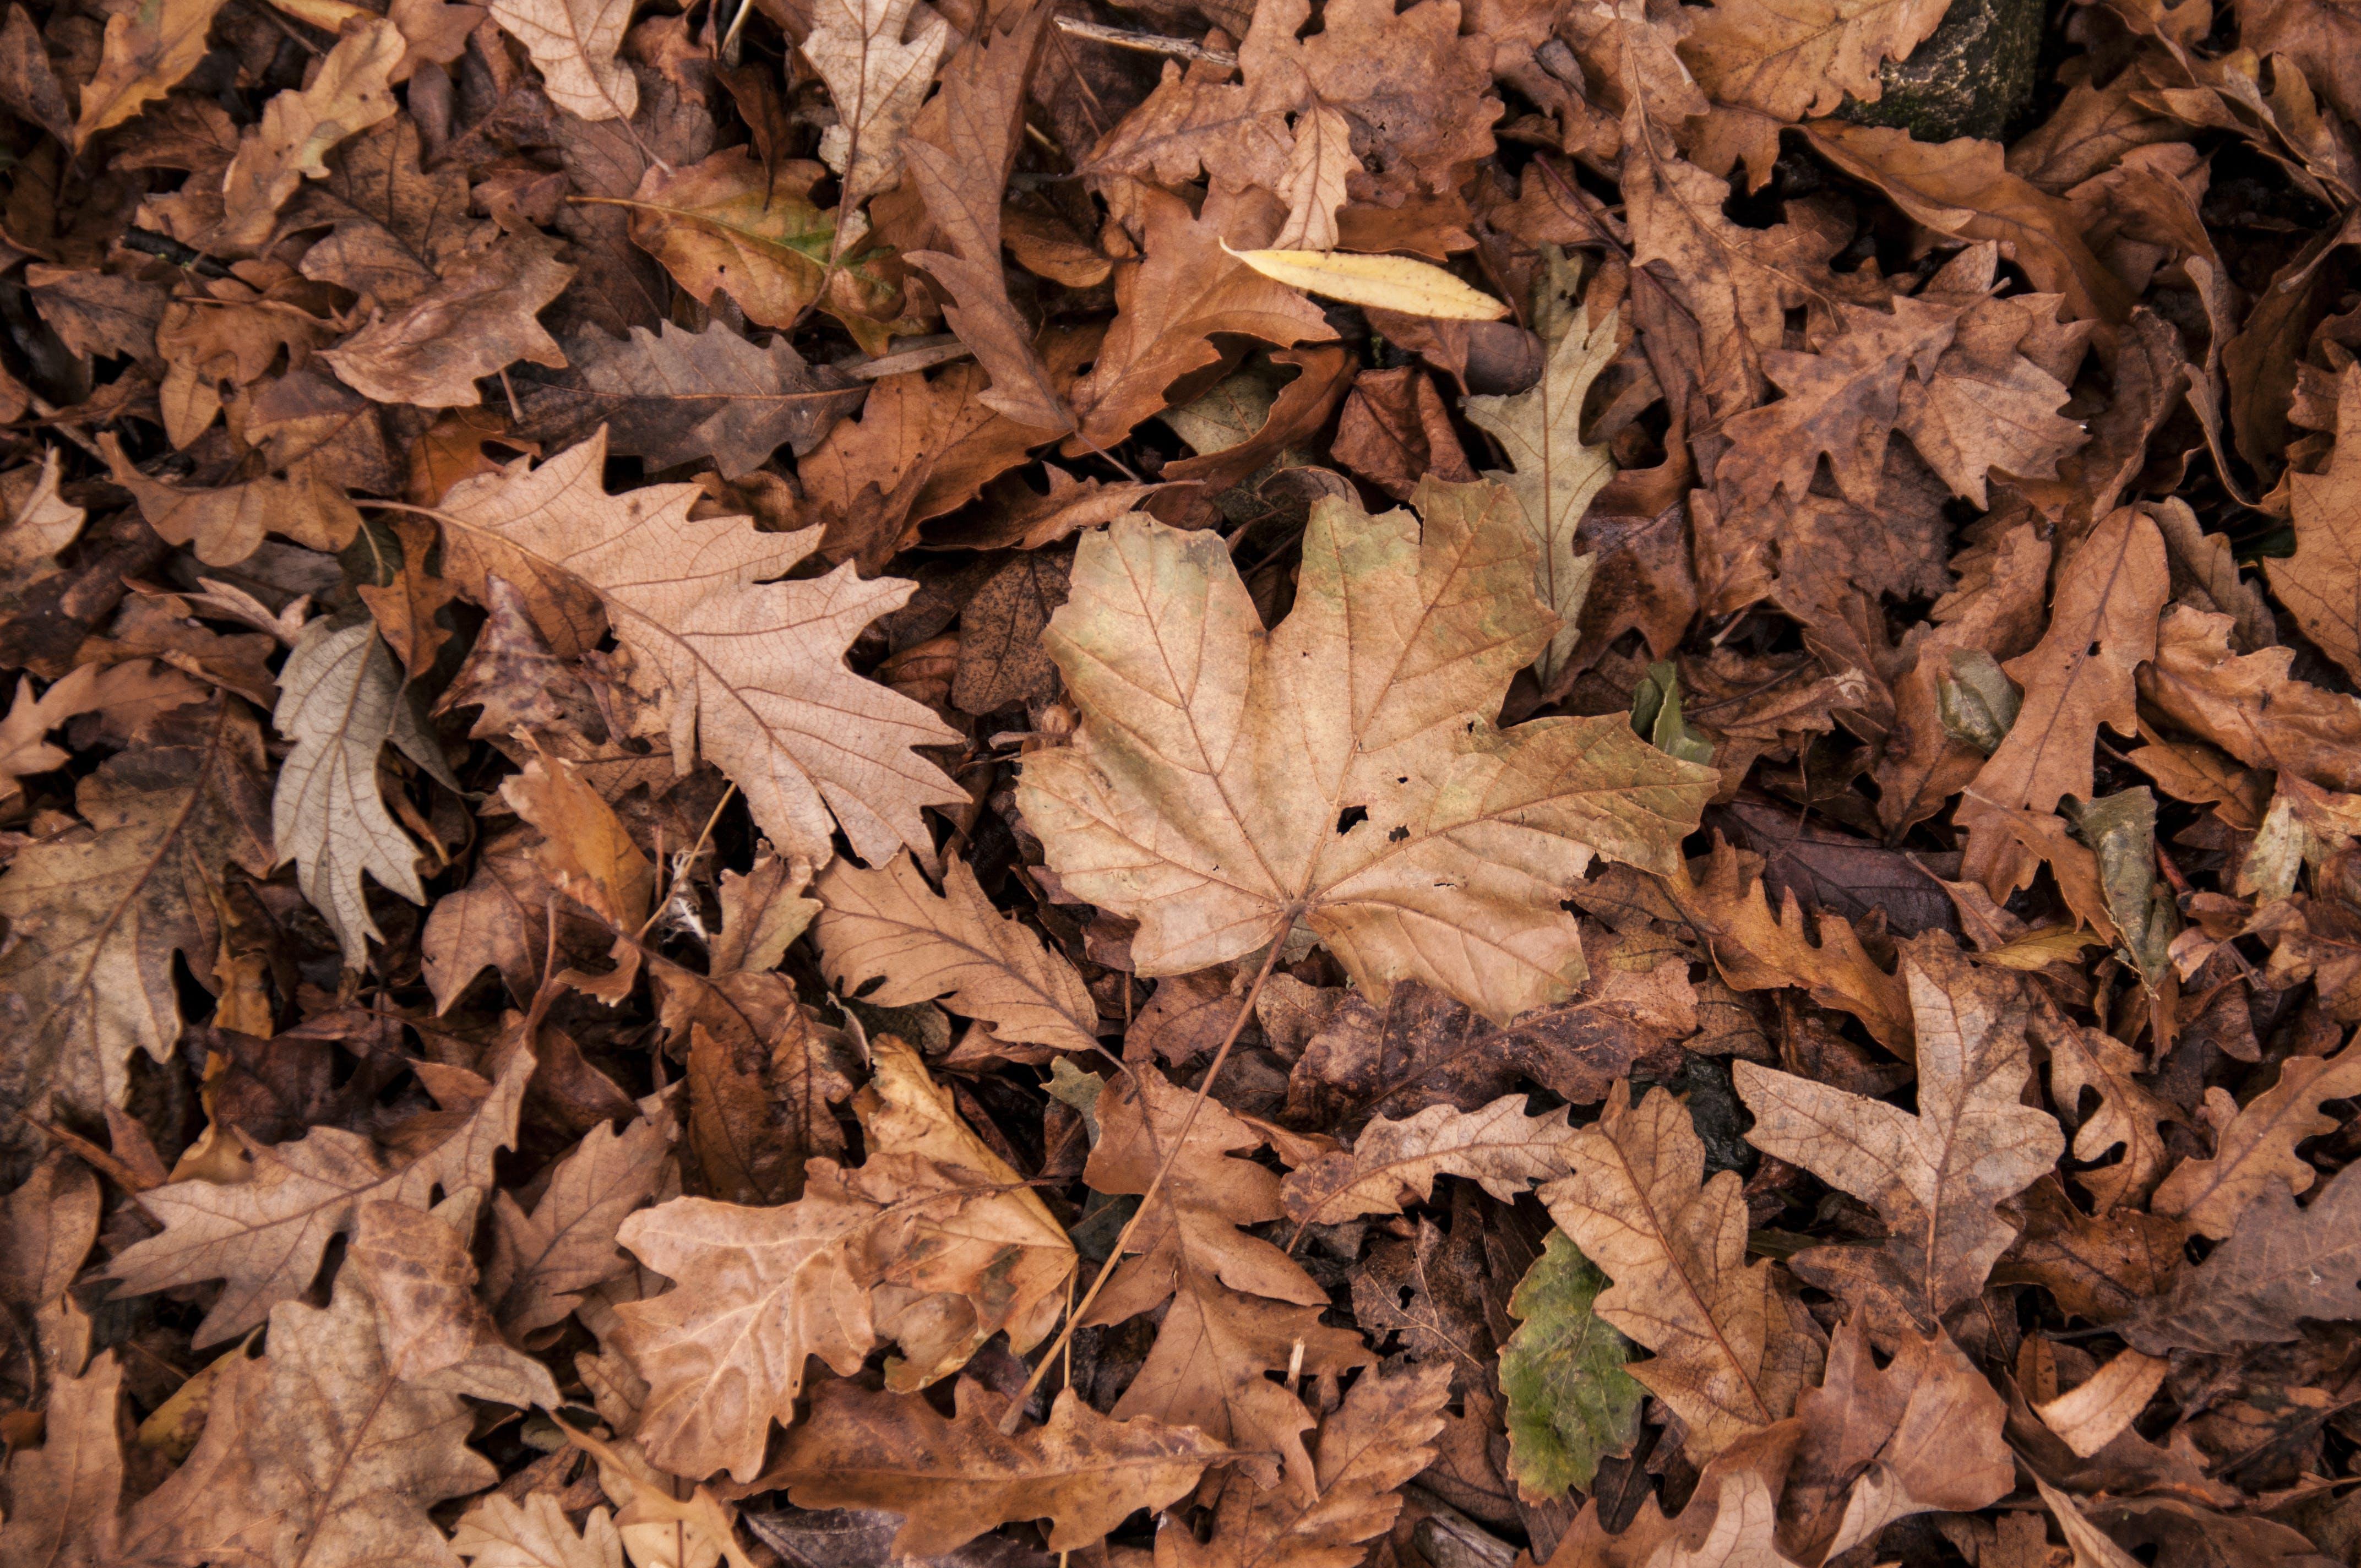 간, 건조한, 계절, 나뭇잎의 무료 스톡 사진